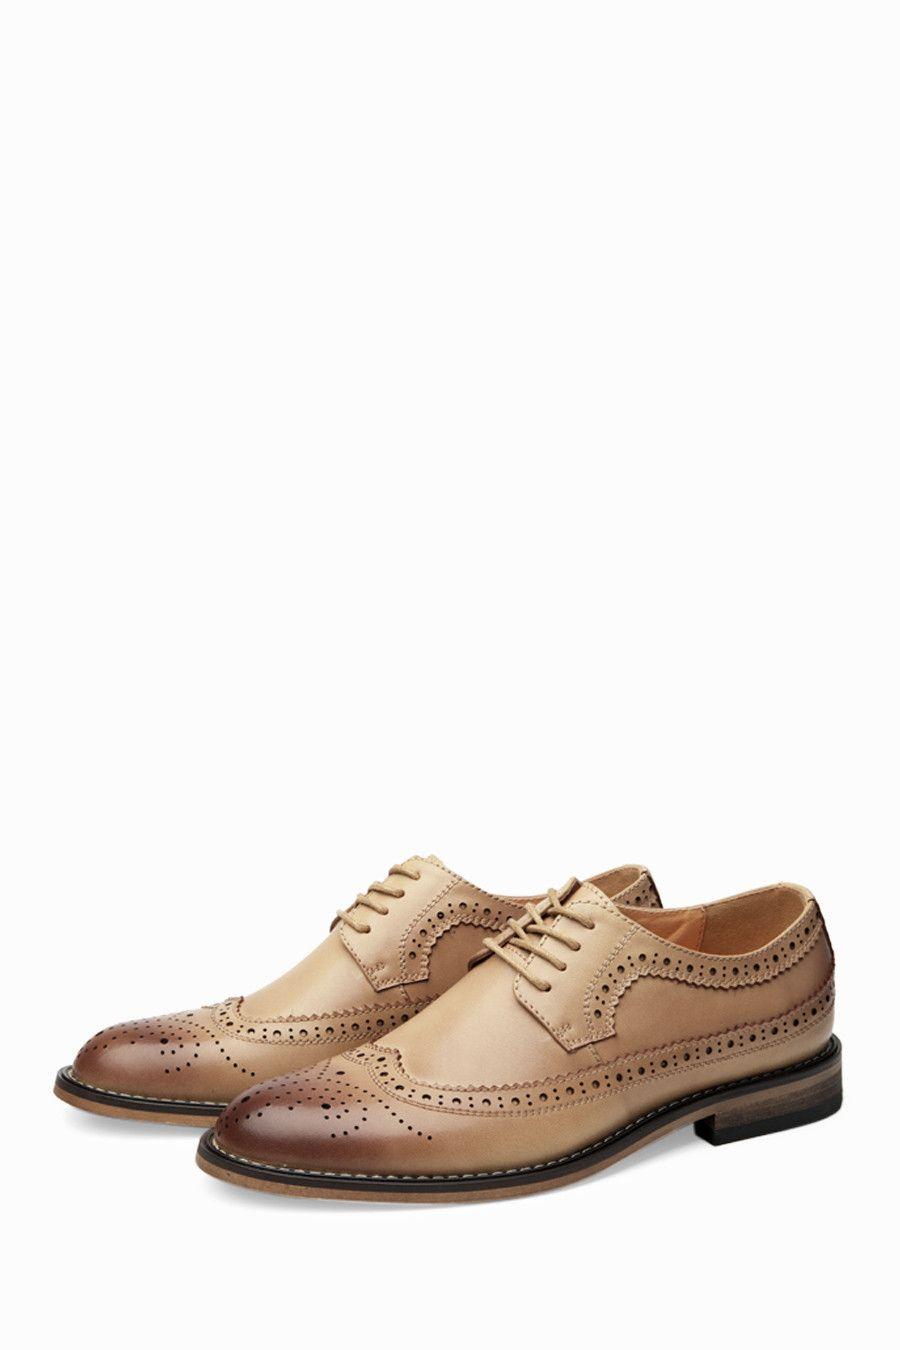 469 mejores imágenes de Zapatos | Zapatos, Calzas y